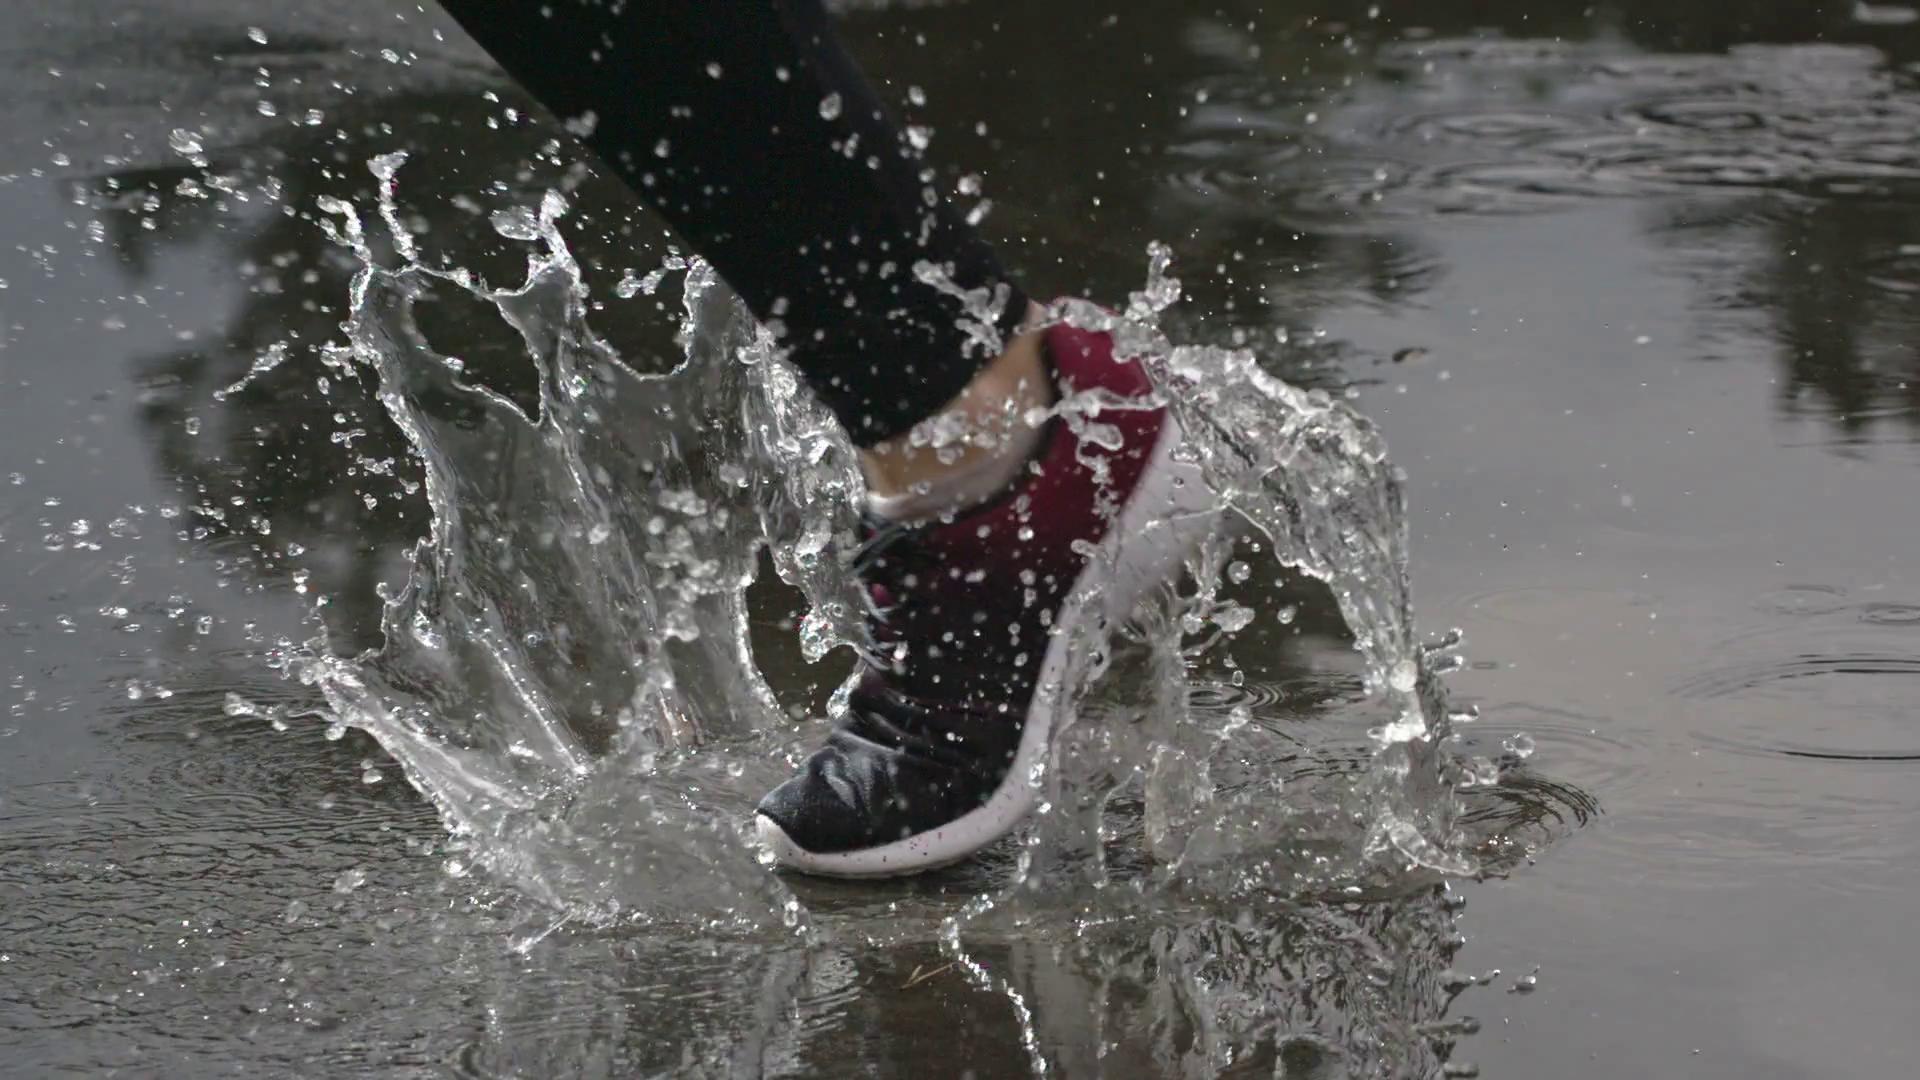 Chống nước siêu cấp lại đẹp mê ly, đây chính là đôi sneaker nhất định phải có trong những ngày ẩm ương, sáng nắng chiều mưa - Ảnh 1.